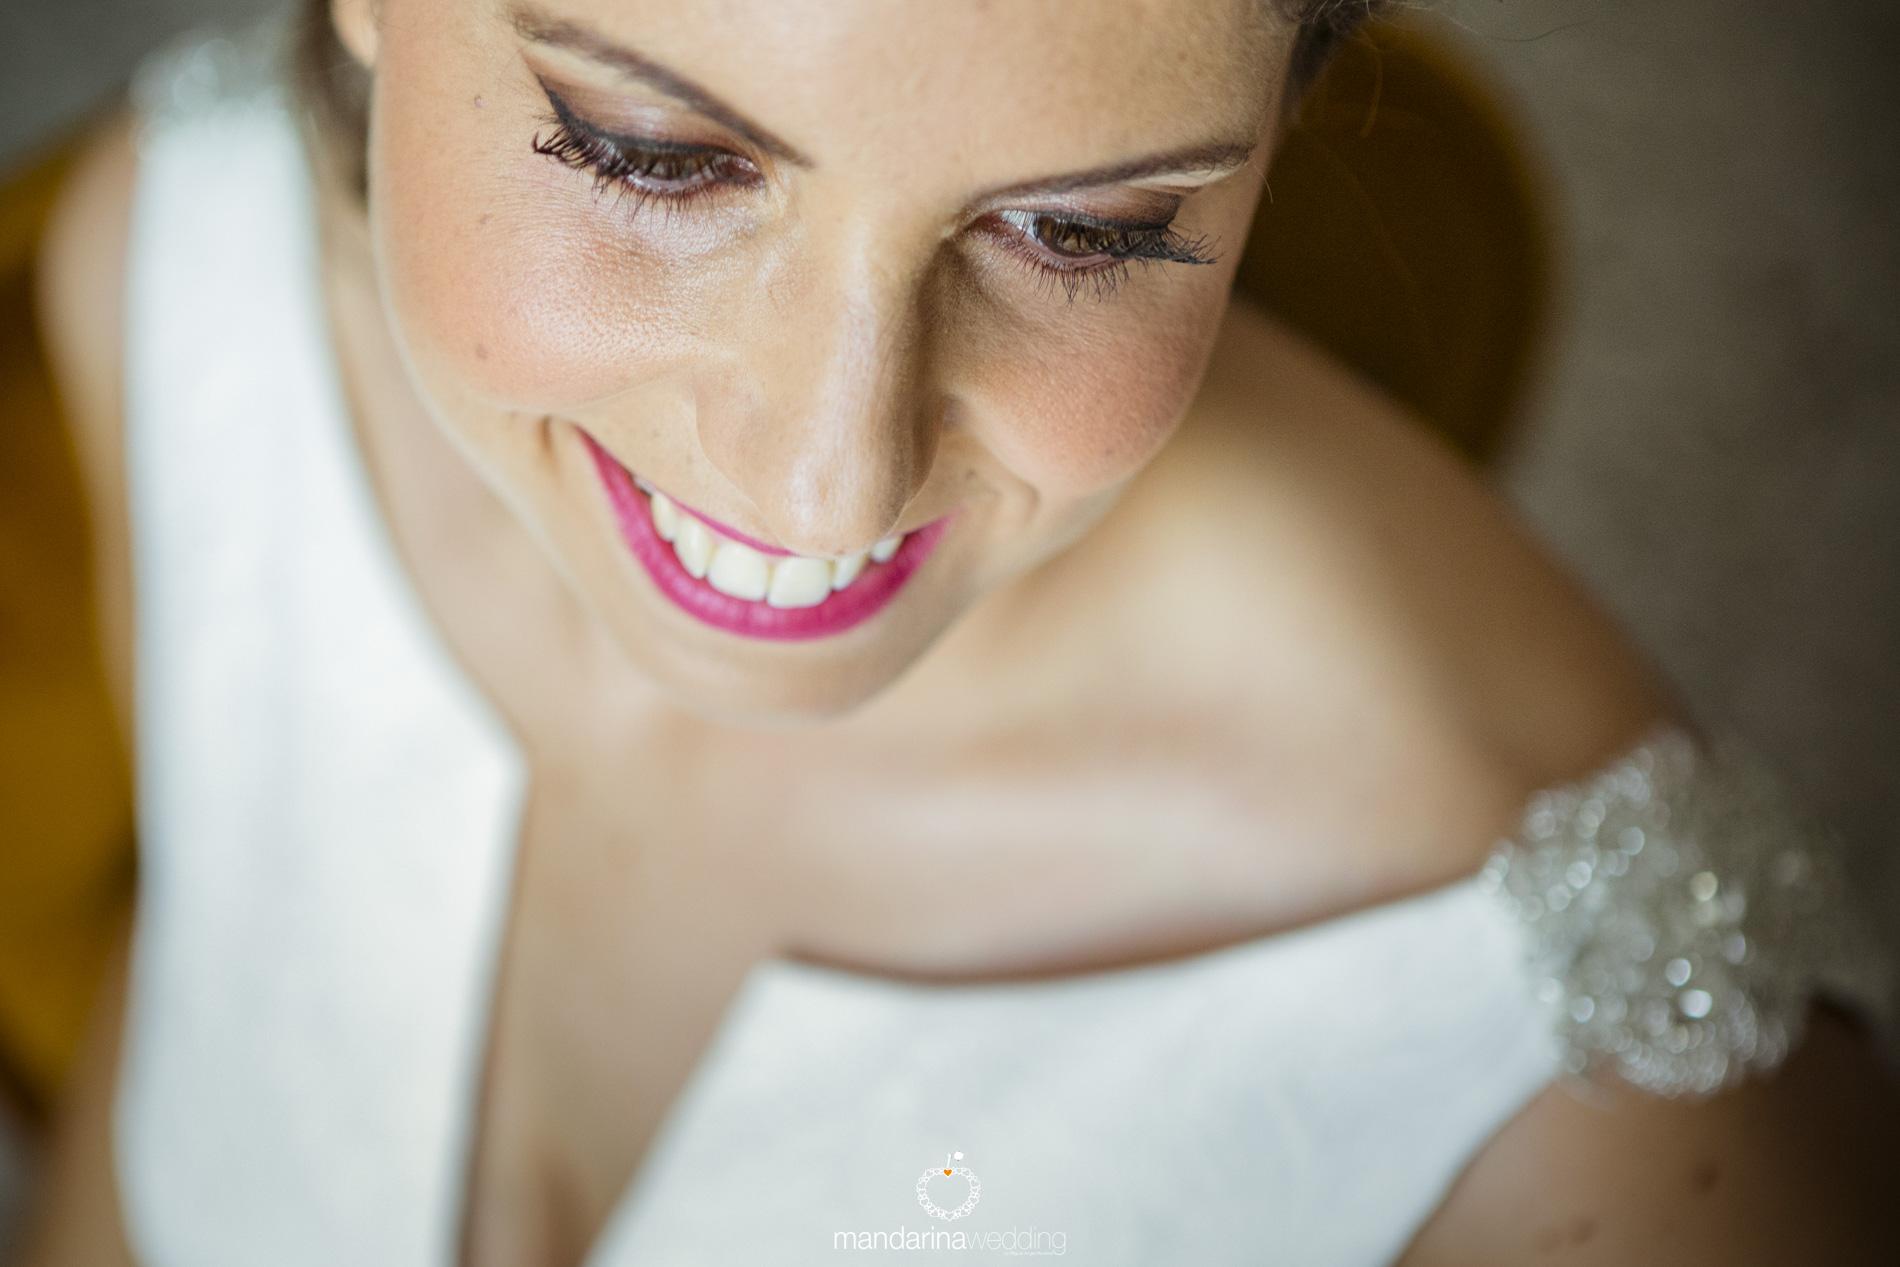 mandarina wedding, fotografo de boda, fotografo boda soria, fotografo boda barcelona, fotografo boda Madrid, fotografo boda lerida, fotografo boda Huesca, fotografo de destino_005